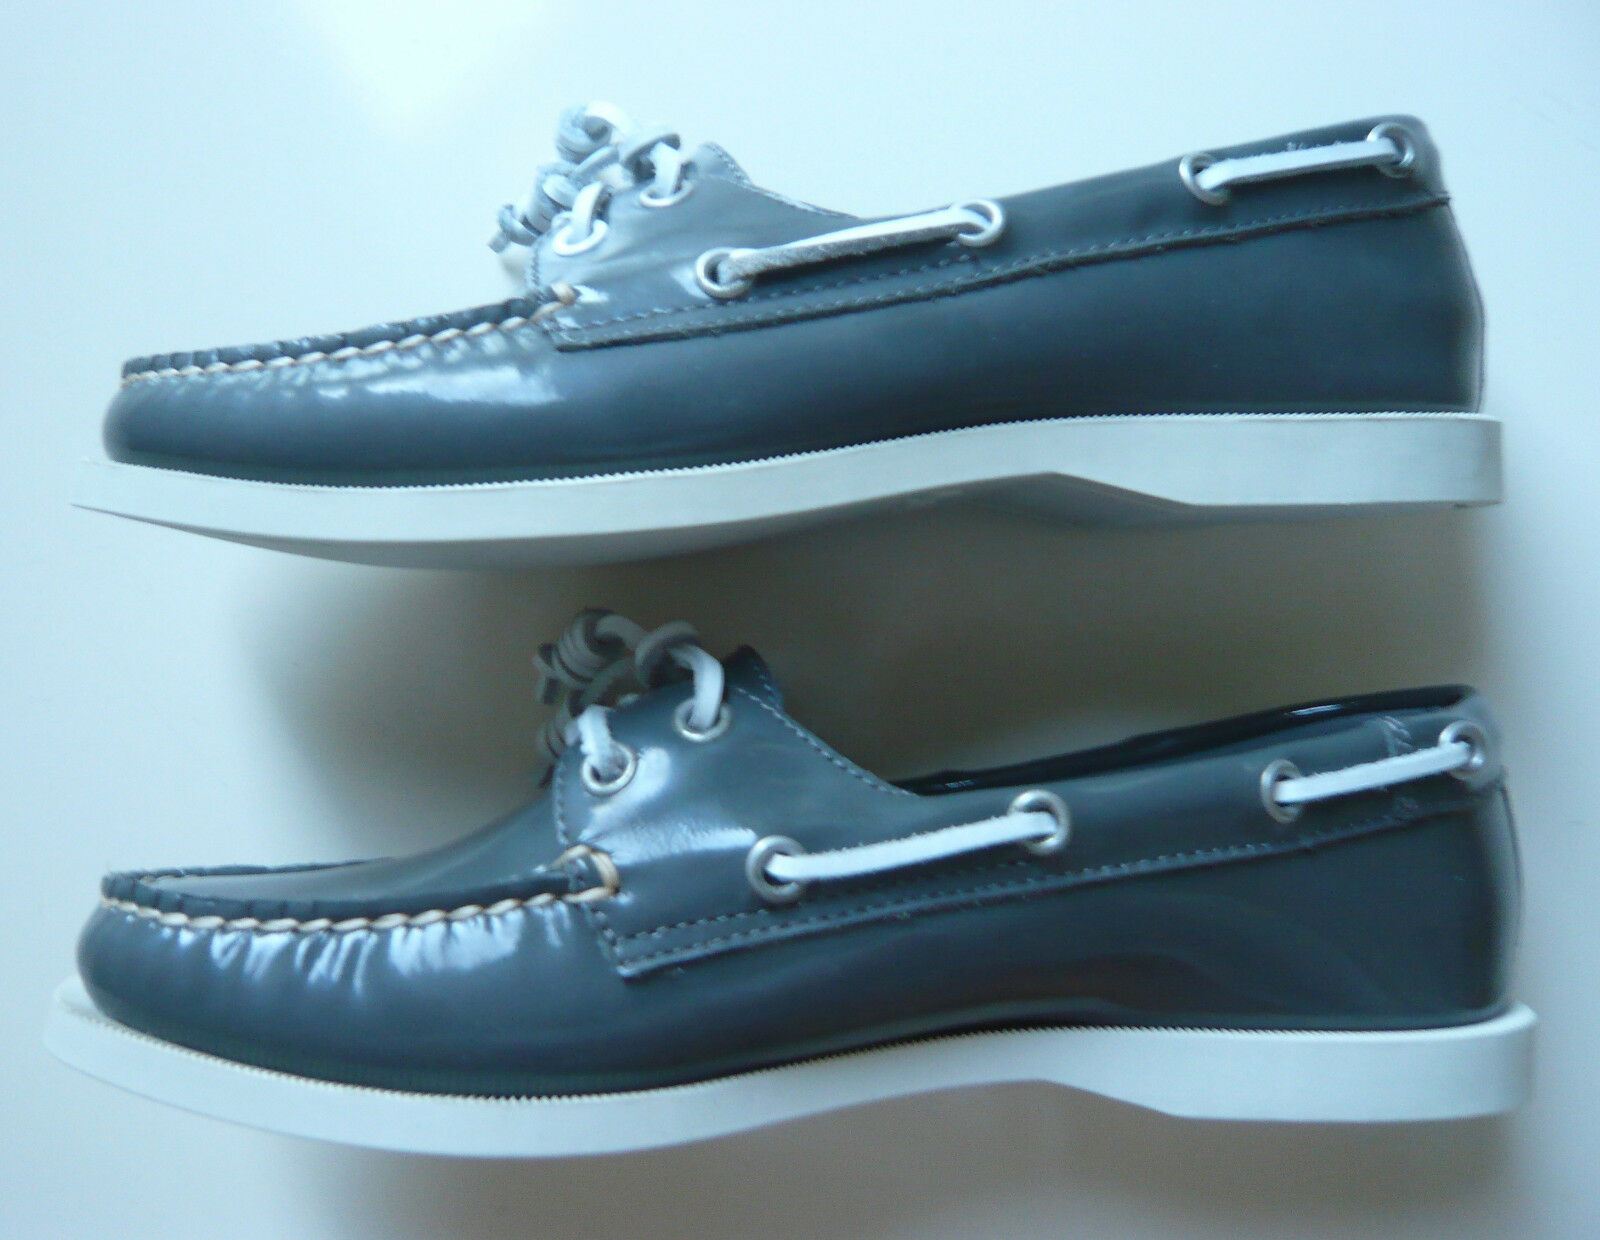 Flip weiss flop Schuhe Damen Leder grau weiss Flip Gr. 38 Lackleder Stiefelschuhe 8fb663